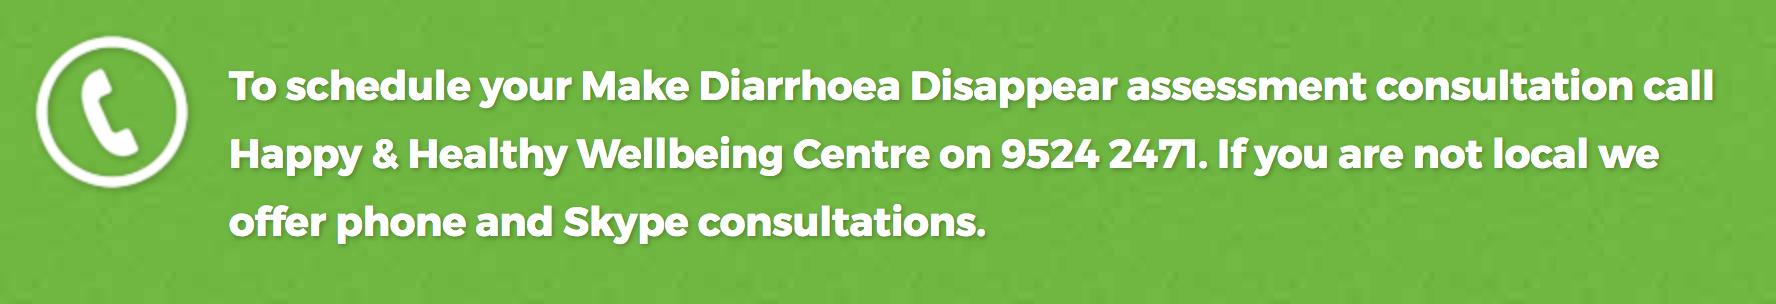 diarrhoea-assessment